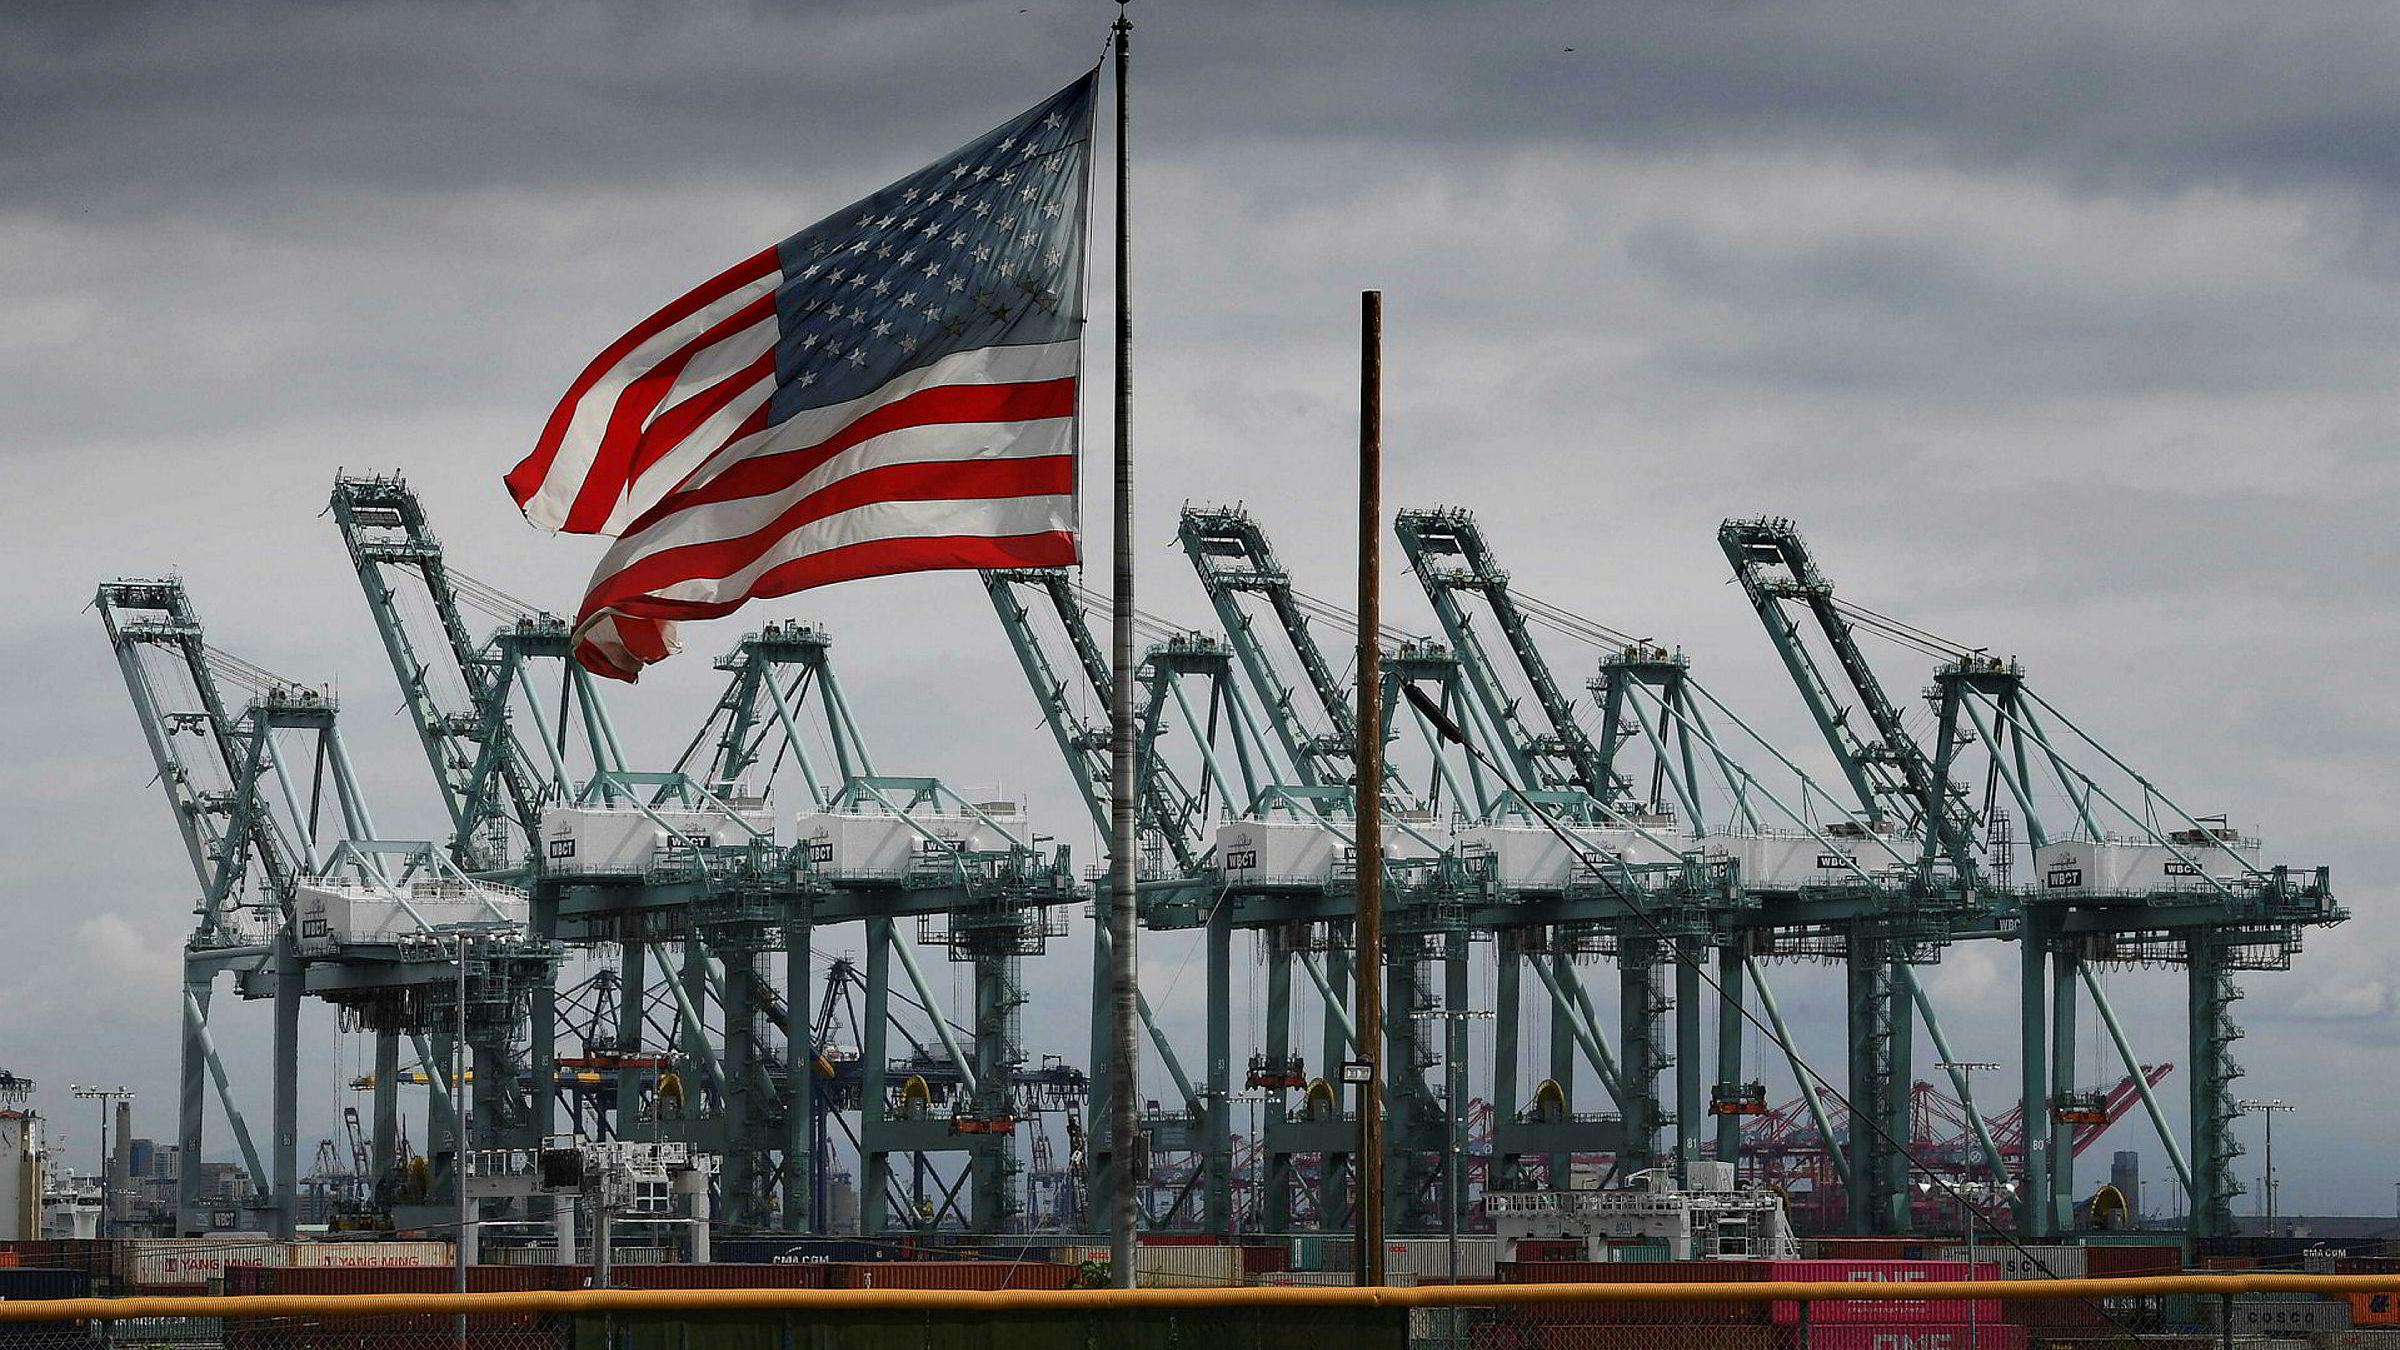 De siste fem årene har USAs handelsunderskudd økt jevnt og trutt. Nå mener Ian Shepherdson i Pantheon Macroeconomics at landet kan vente seg enda en kraftig nedtur i fjerde kvartal i 2019. Verftene i Long Beach i California er blant amerikansk industri som sliter.